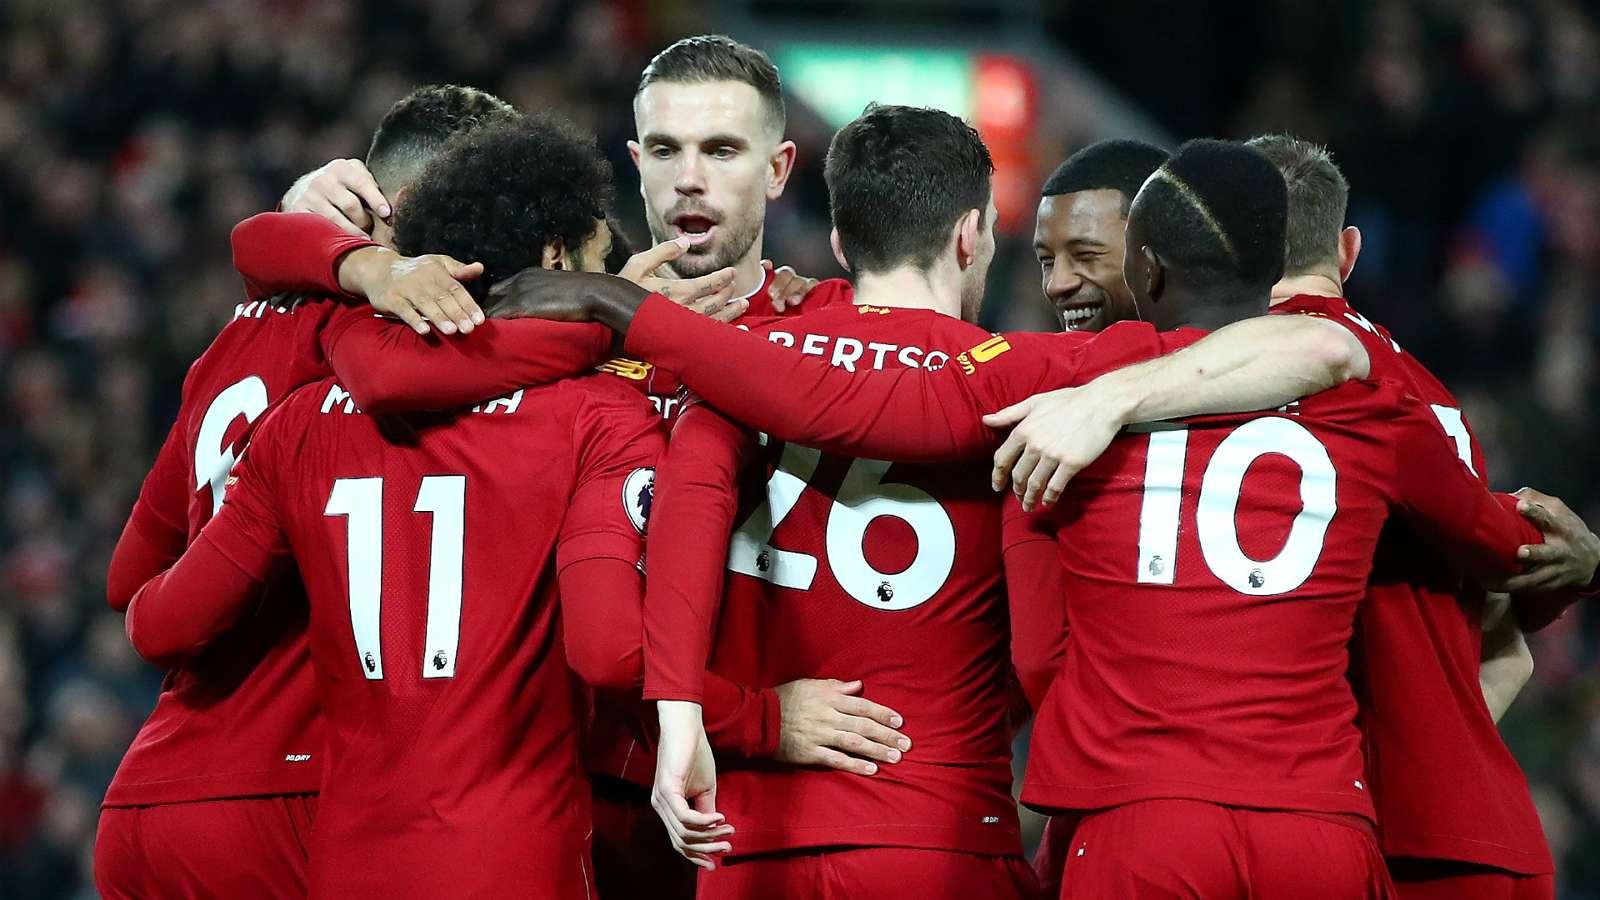 阿德里安:利物浦就像一个大家庭,我们梦想获得所有冠军